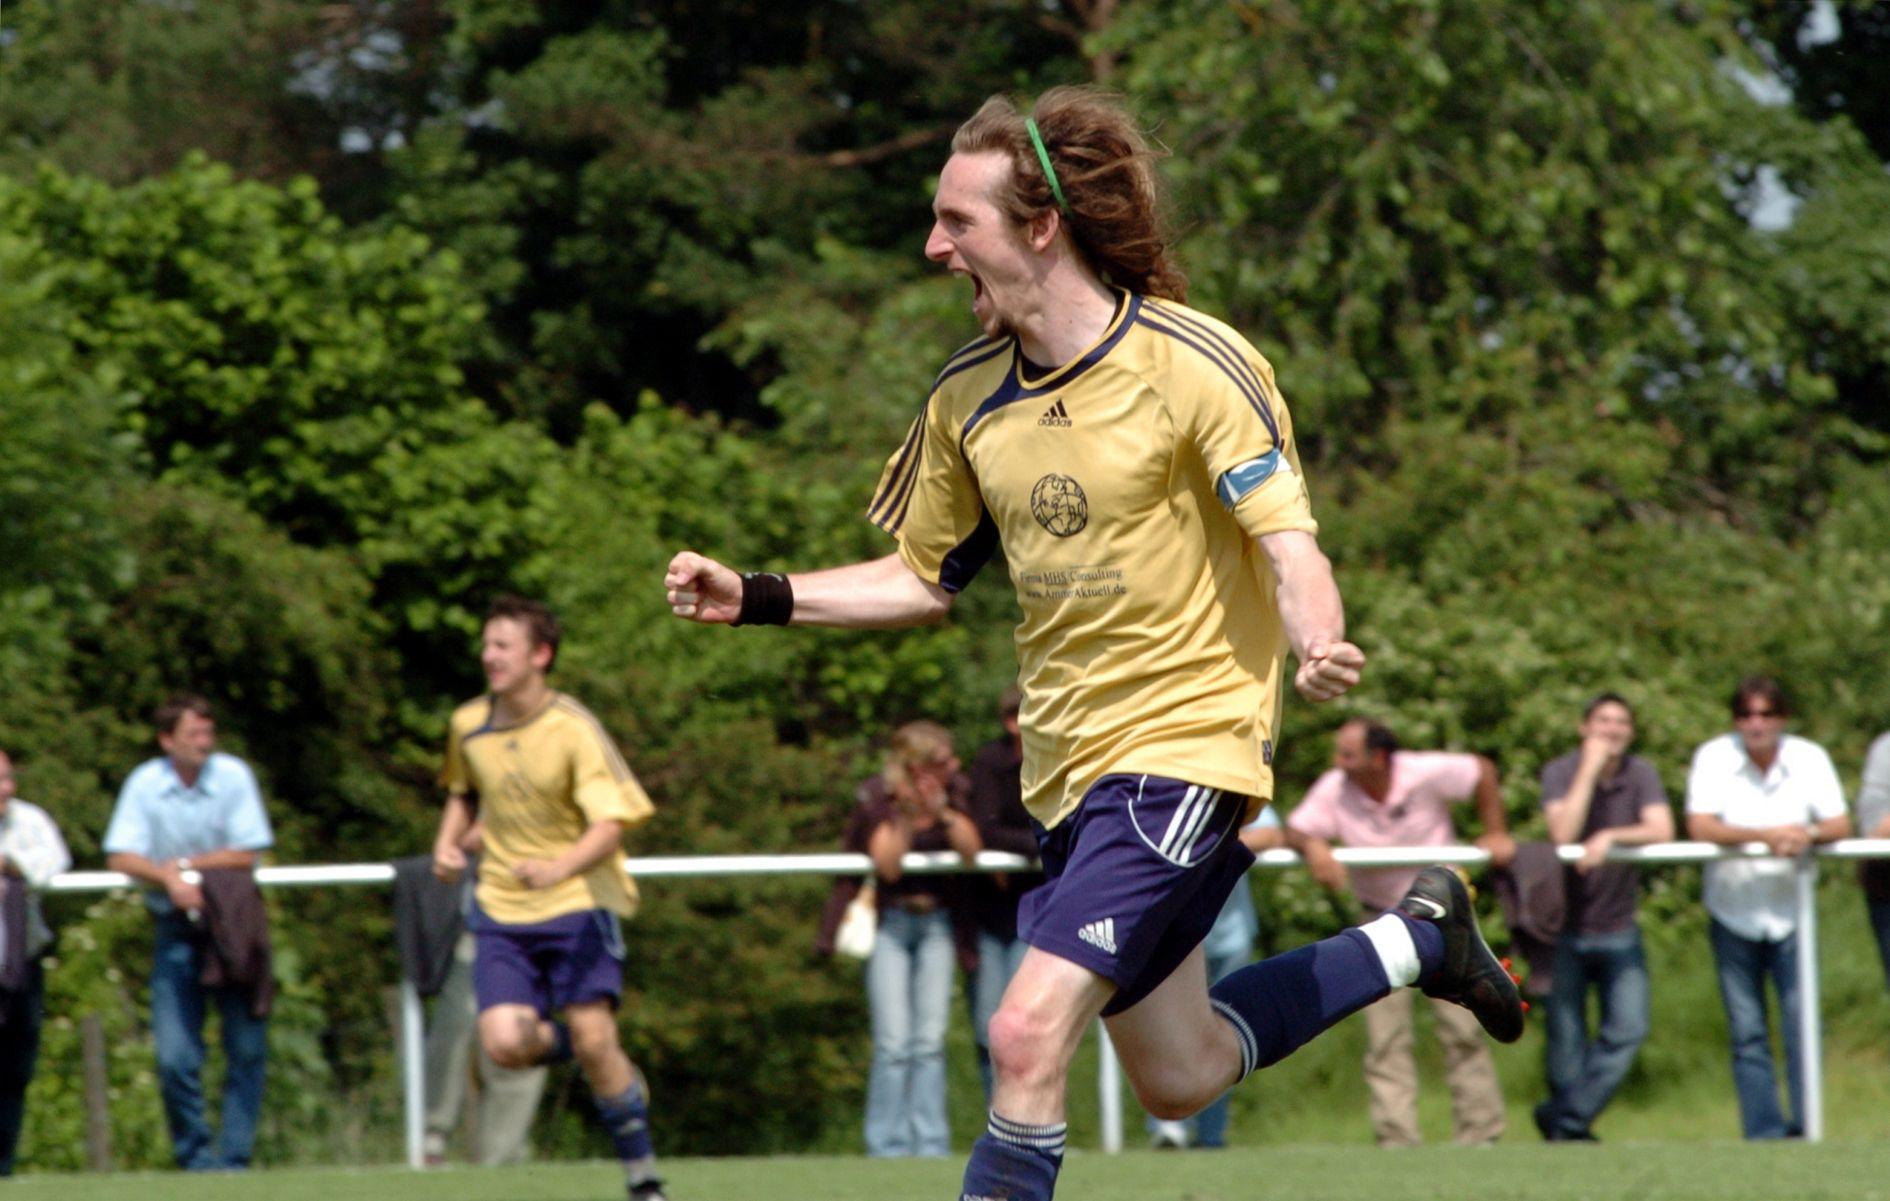 Saison 2007-2008 Aufstieg in die Kreisliga Aufstiegsspiel in Utting FC Greifenberg - MTV Dießen 1:5 Nico Weis trifft zum vorentscheidenden 3:1